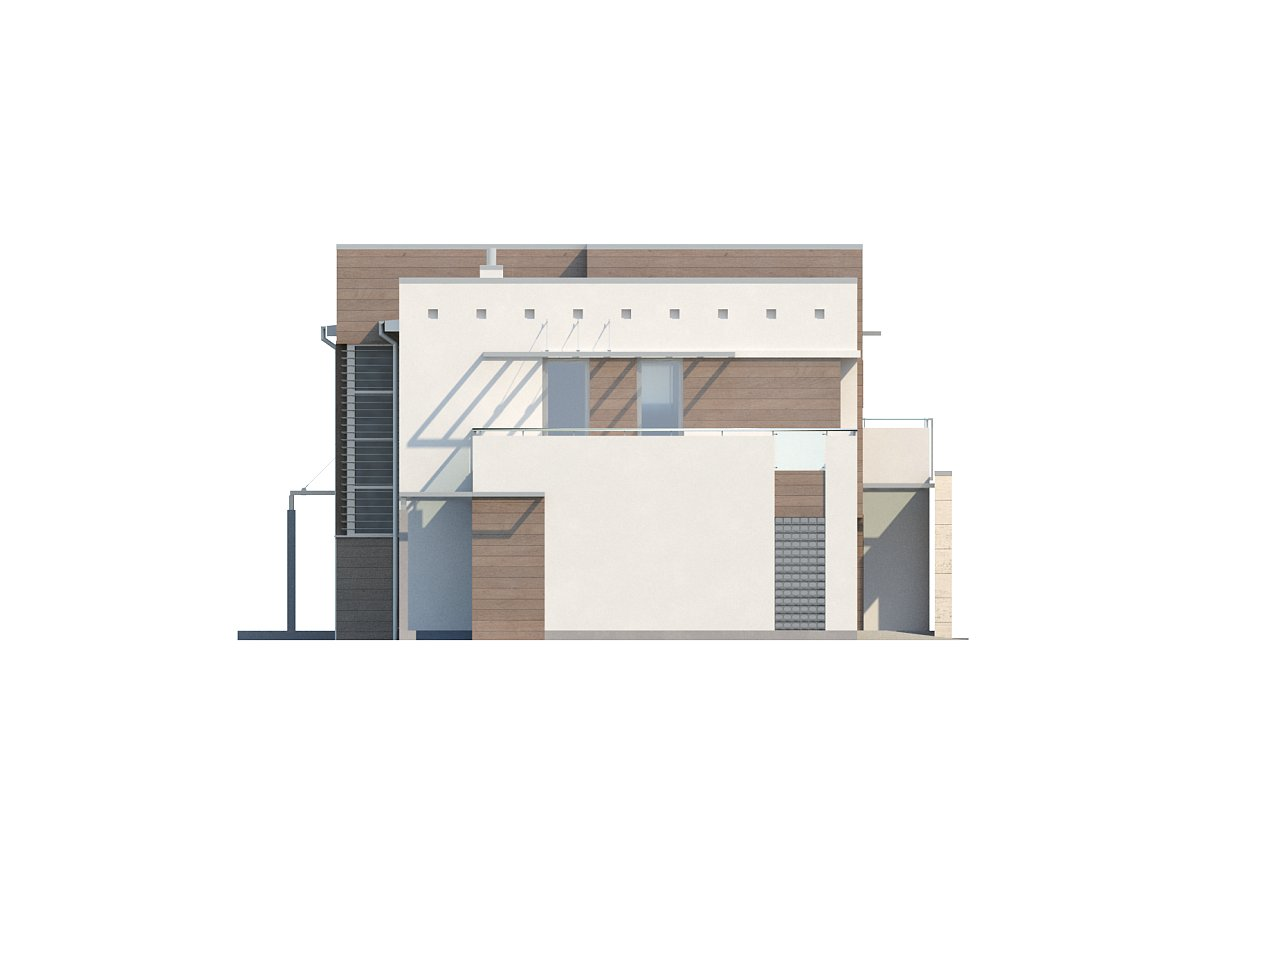 Версия проекта Zx15 с гаражом для двух автомобилей. - фото 23